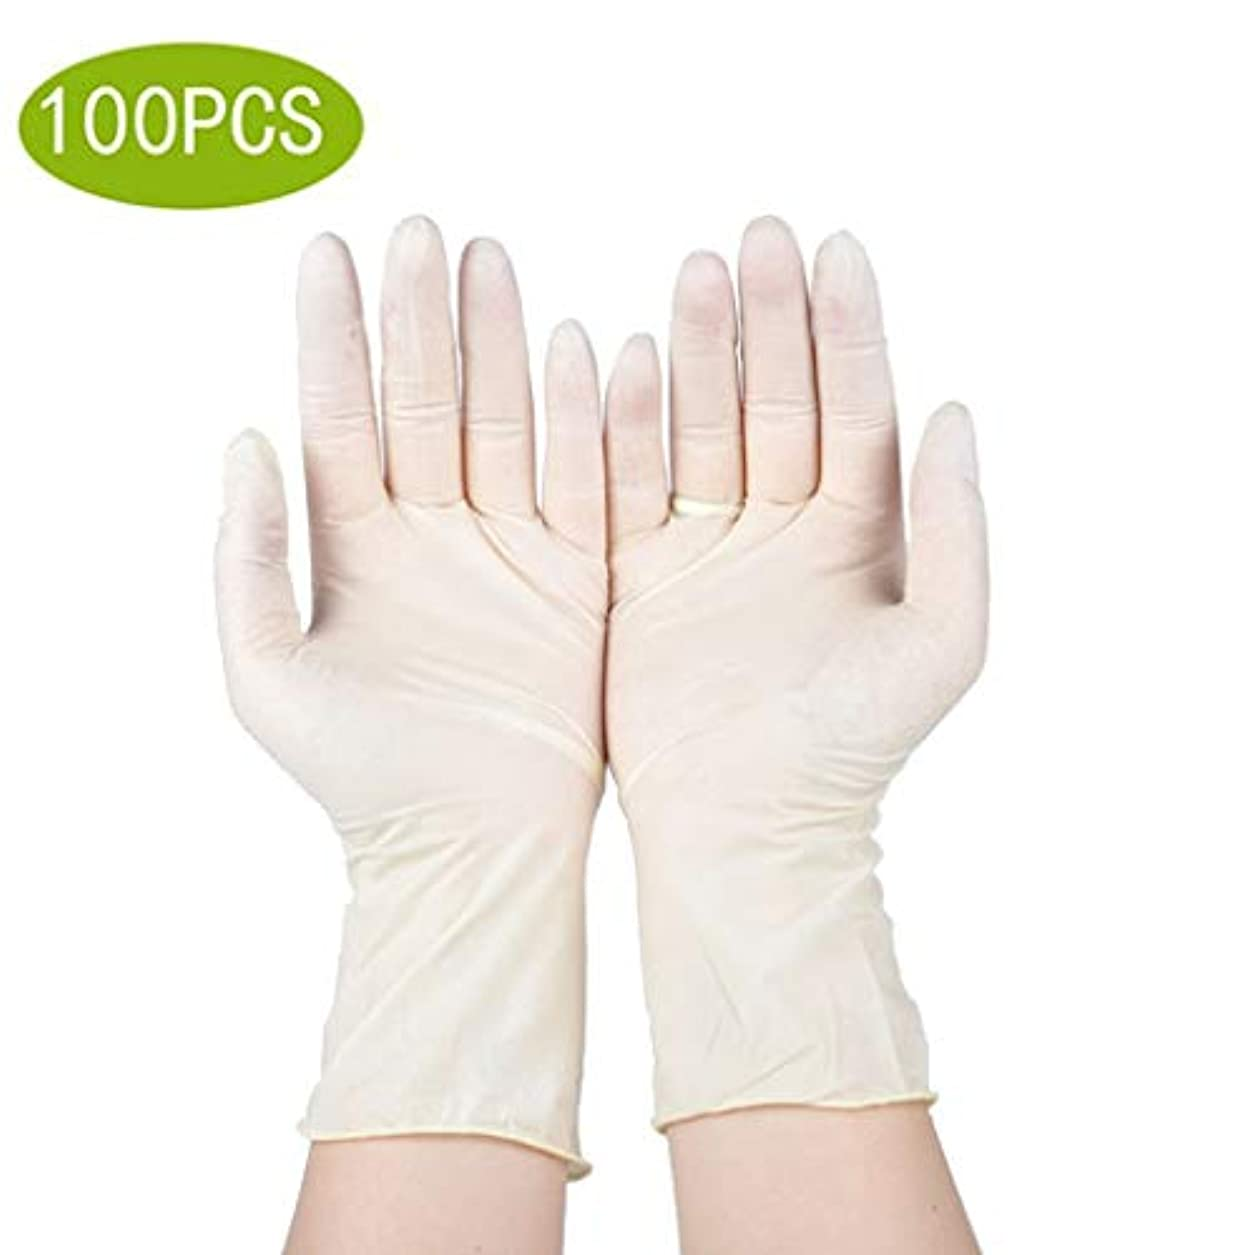 現れる直面するボス医療検査ラテックス手袋|3ミル厚、ミディアムボックス100パウダーフリー、無菌、頑丈な試験用手袋|病院のための専門の等級、法執行機関、食糧売り手 (Color : Beige, Size : L)